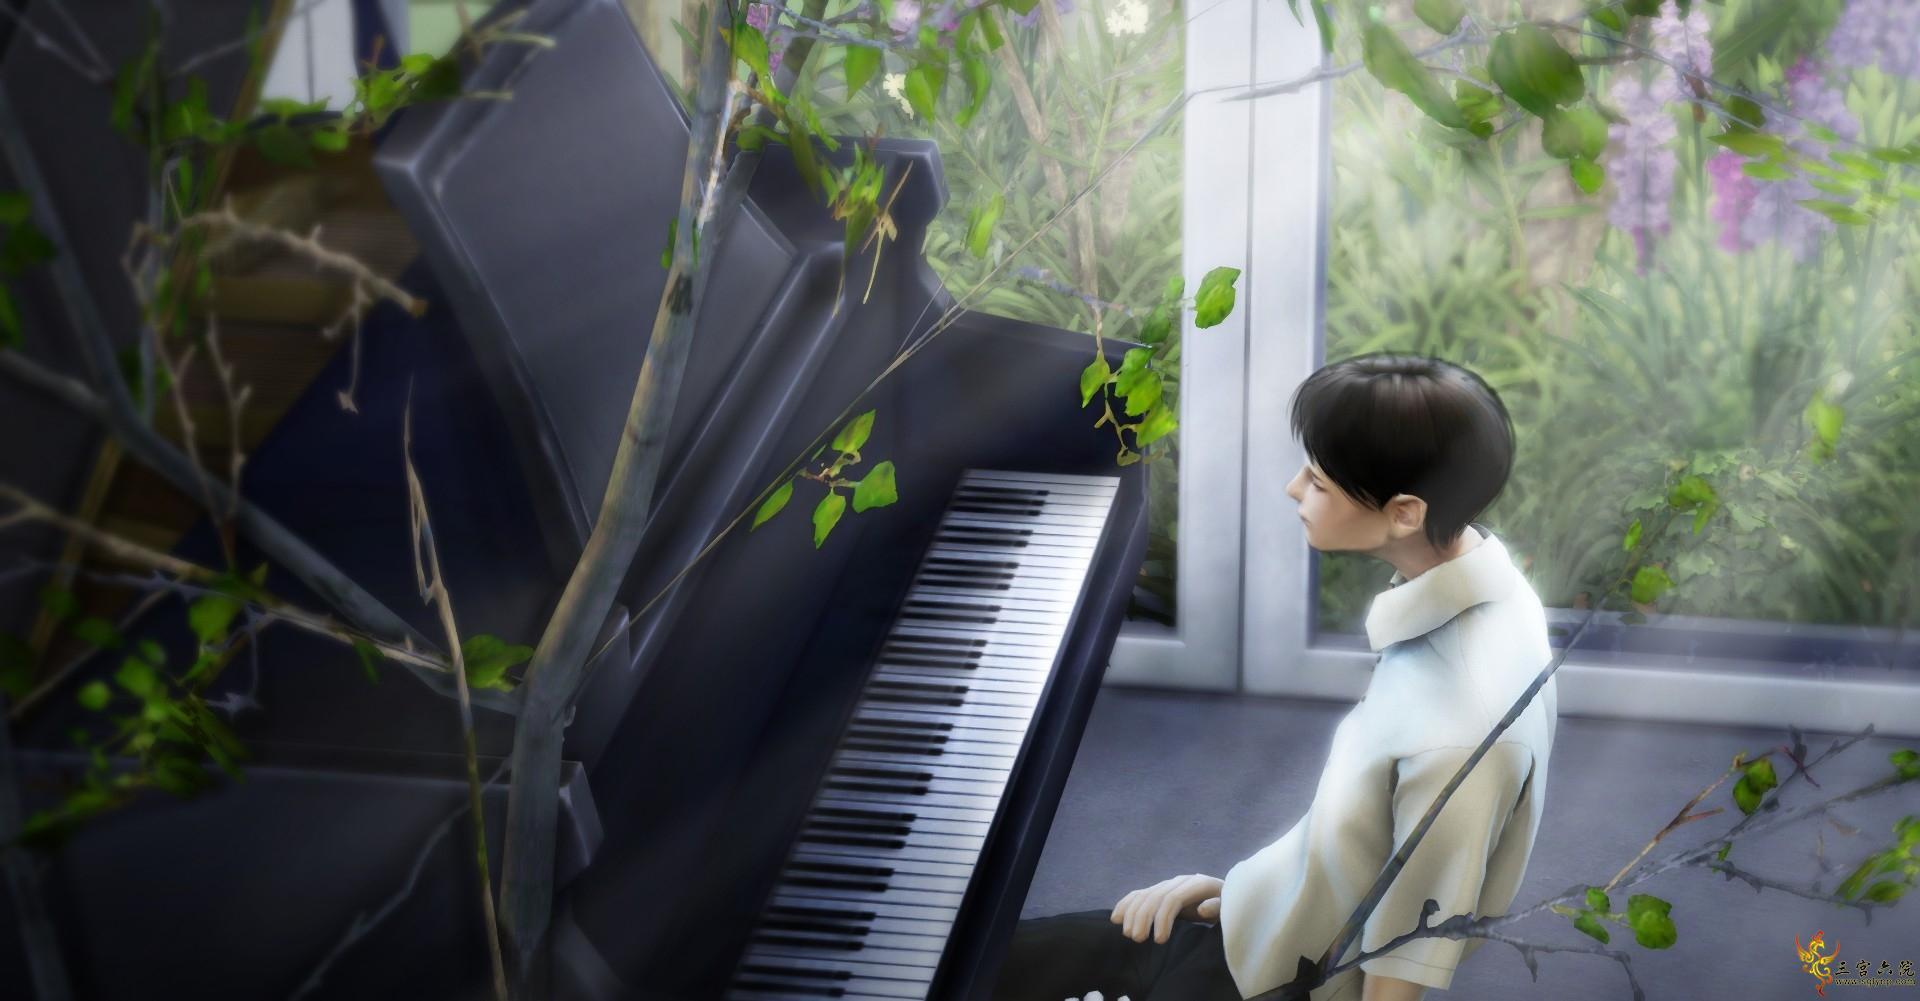 Sims 4 Screenshot 2021.08.28 - 23.24.50.51 副本1.png